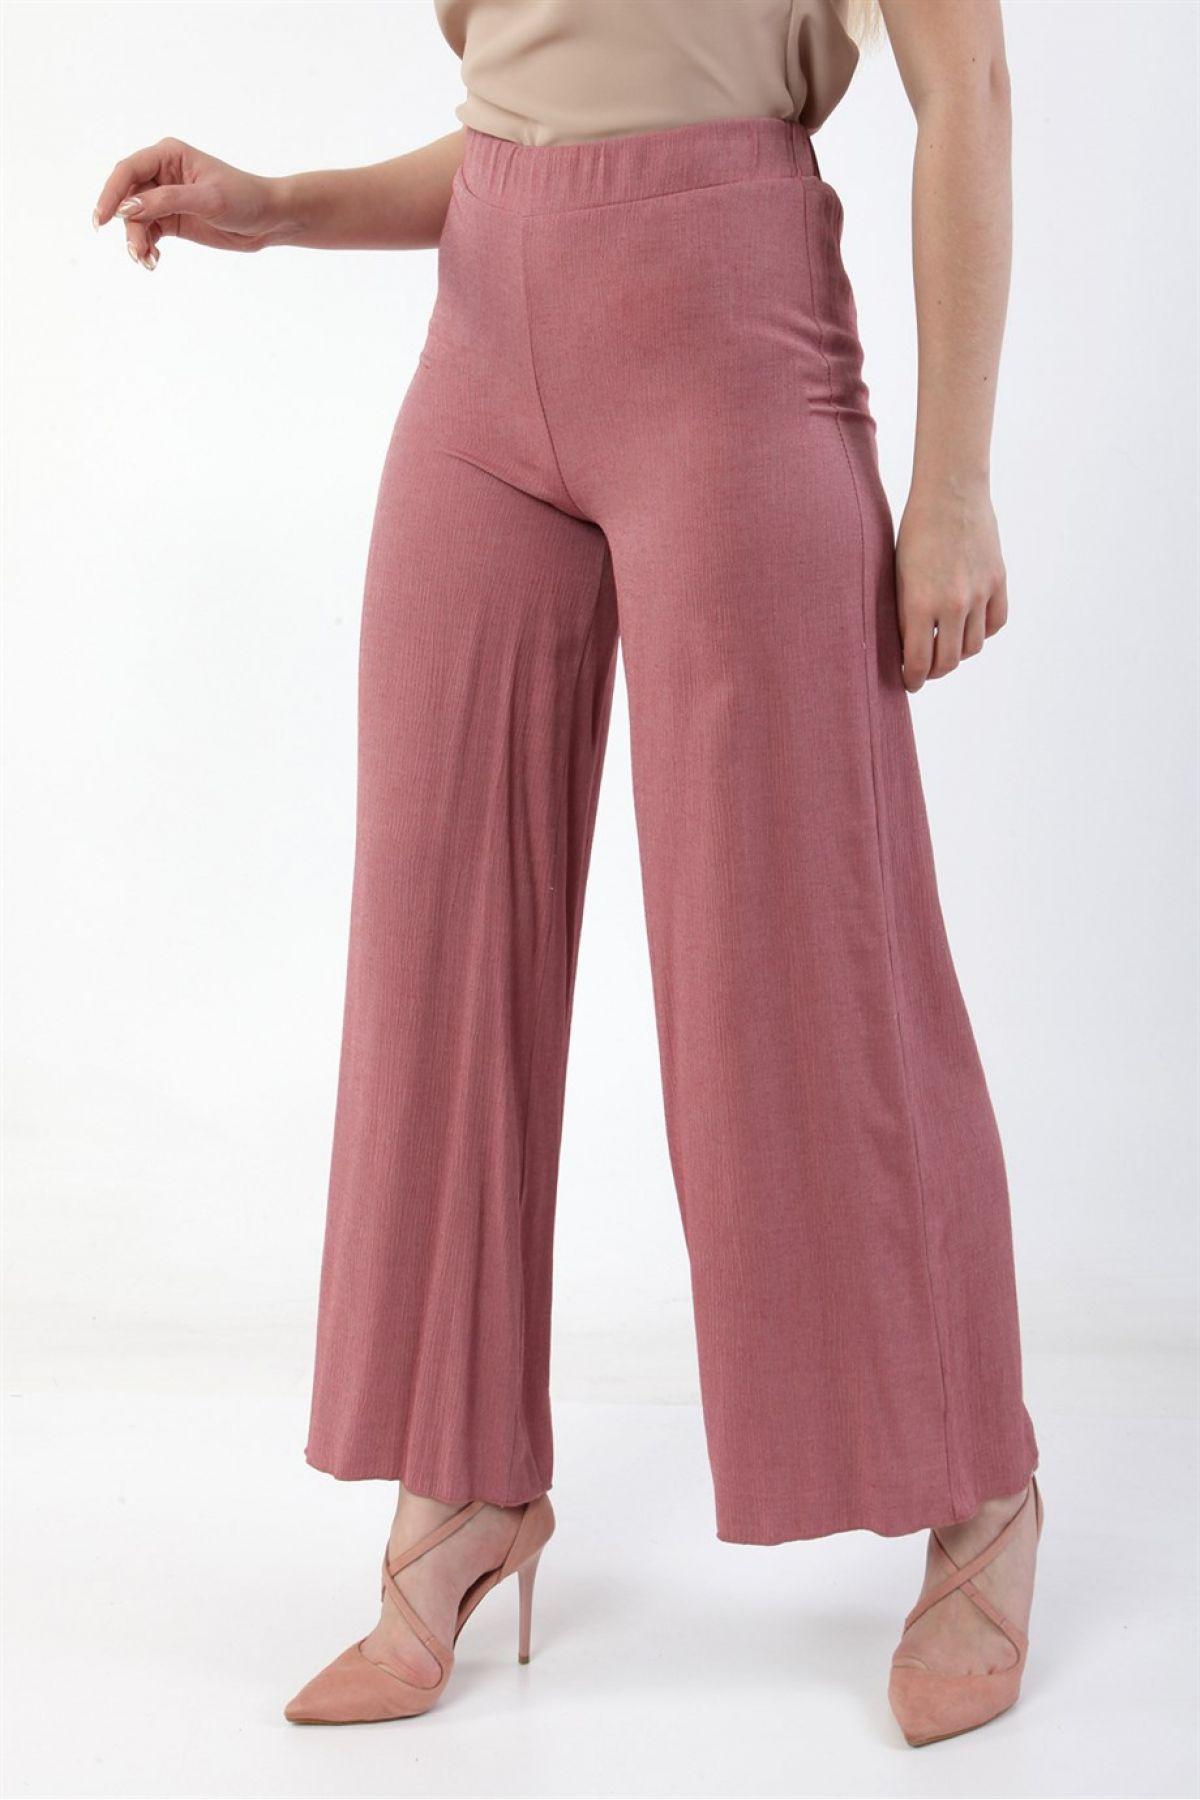 women pants-powder